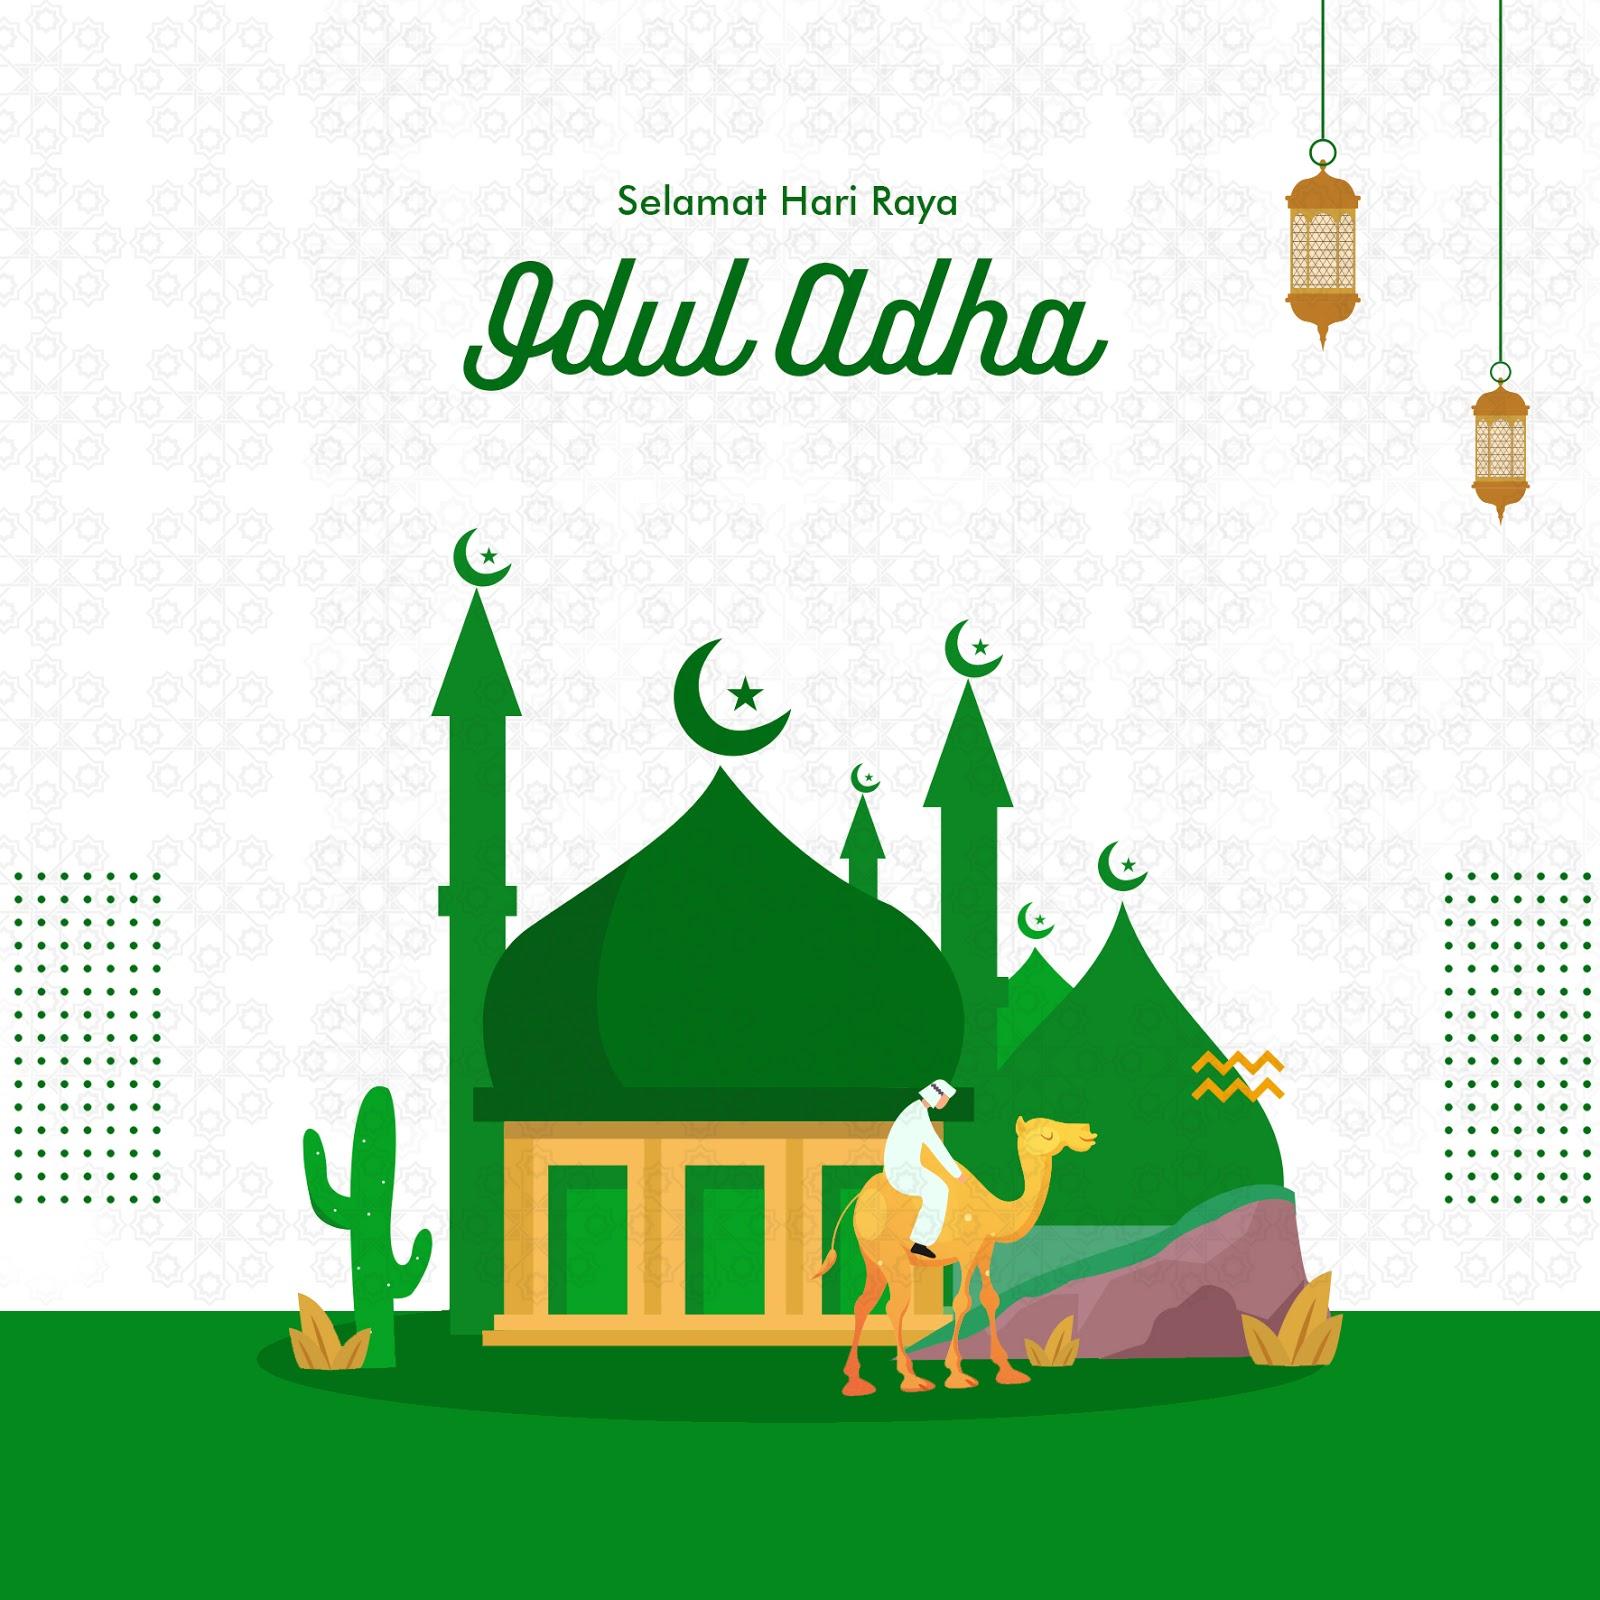 Gambar ucapan selamat hari raya idul adha terbaru 2020 1441 Hijriah bisa diedit, vector, gambar masjid